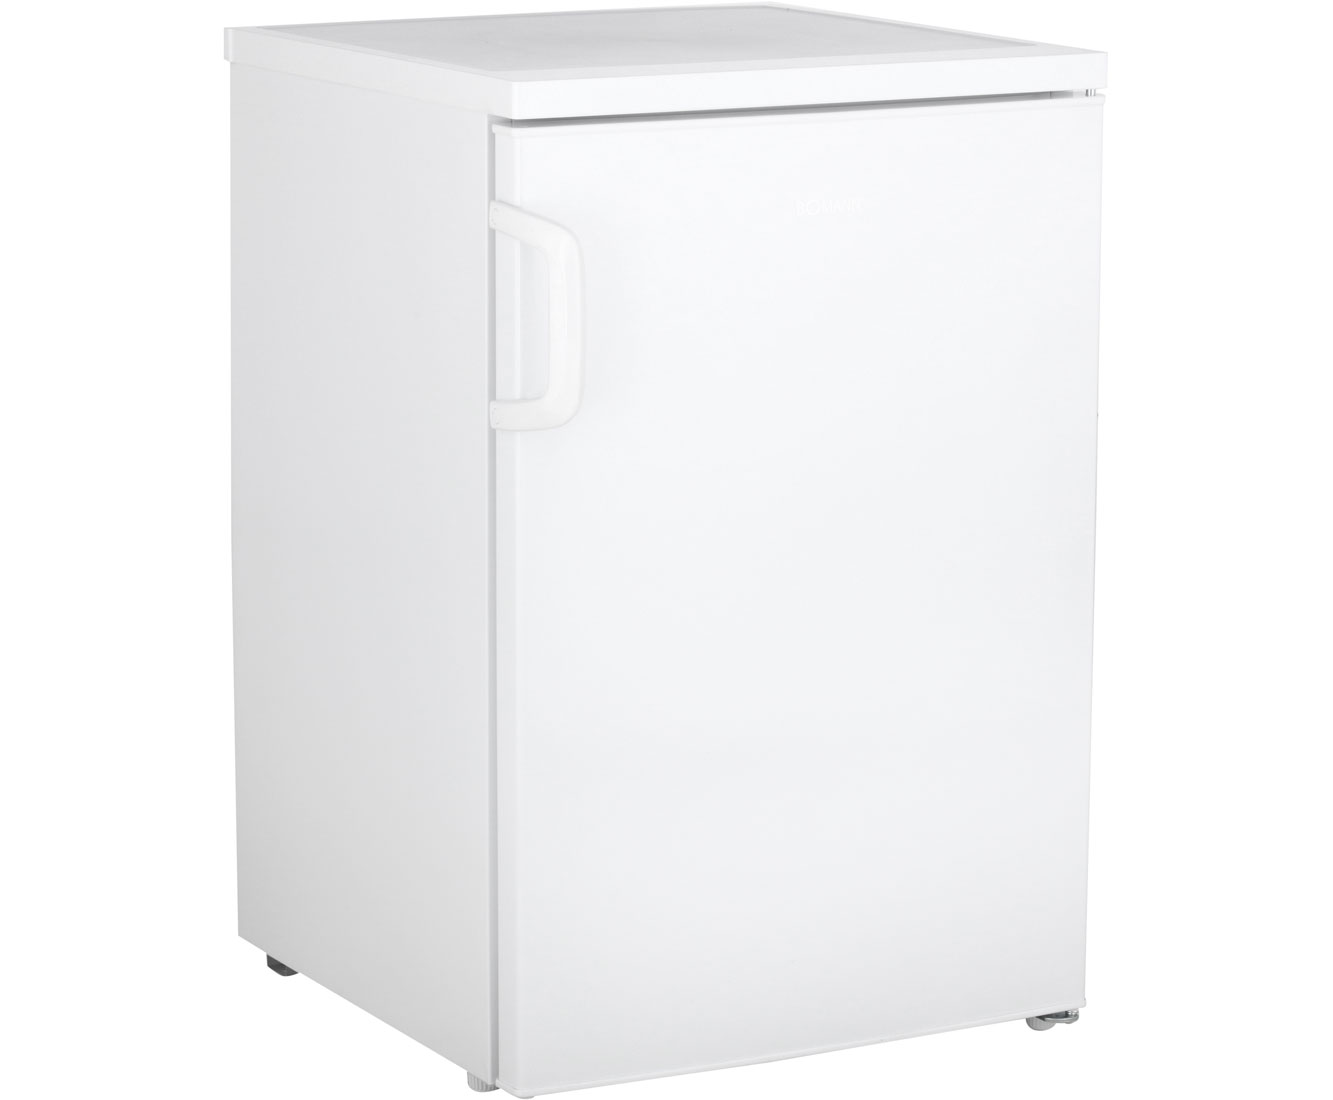 Bomann Kühlschrank Edelstahl : Kühlschrank neu kühl gefrierkombination mit eiswürfelbereiter ohne